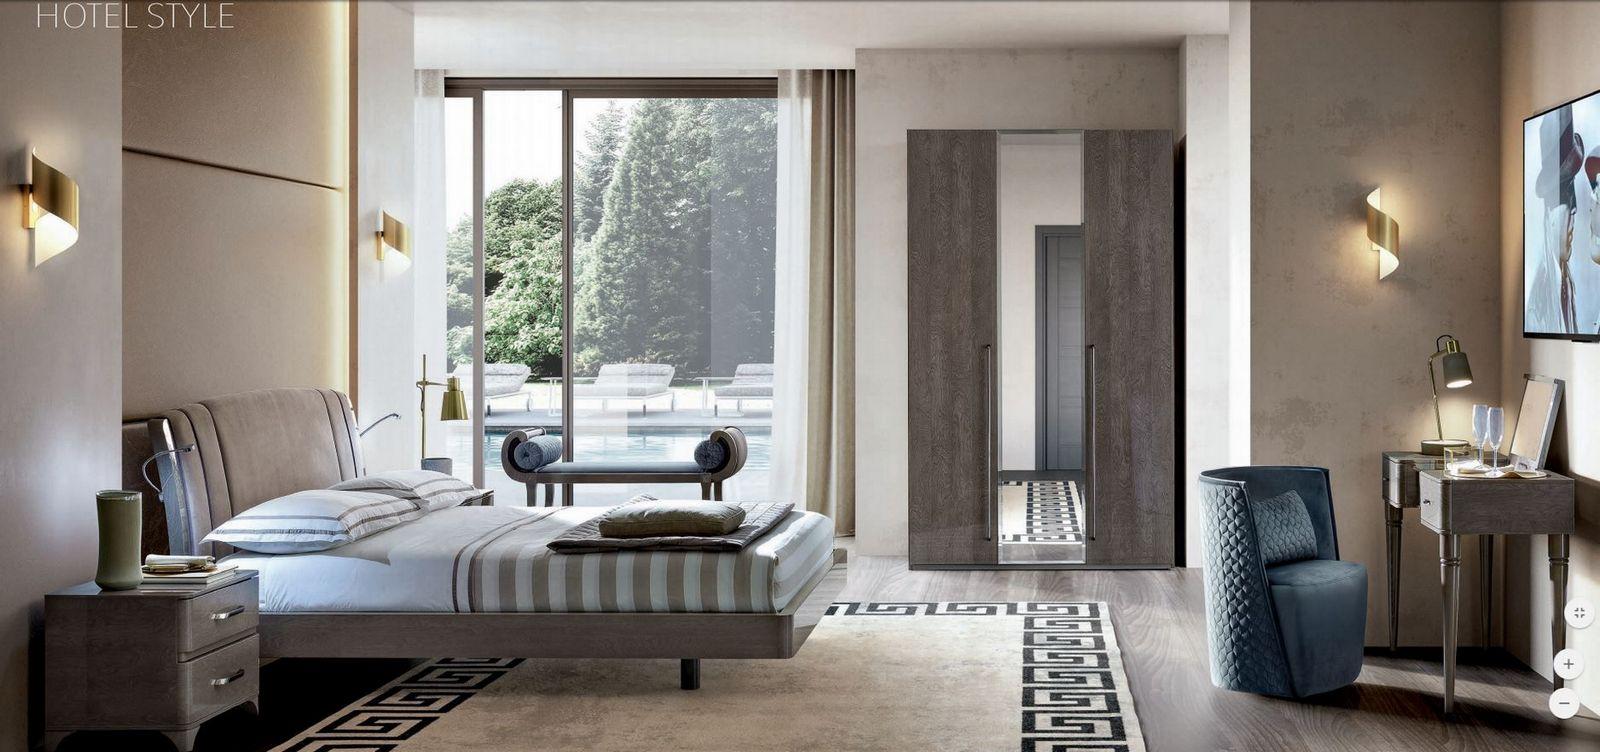 sypialnia w stylu włoskim altea